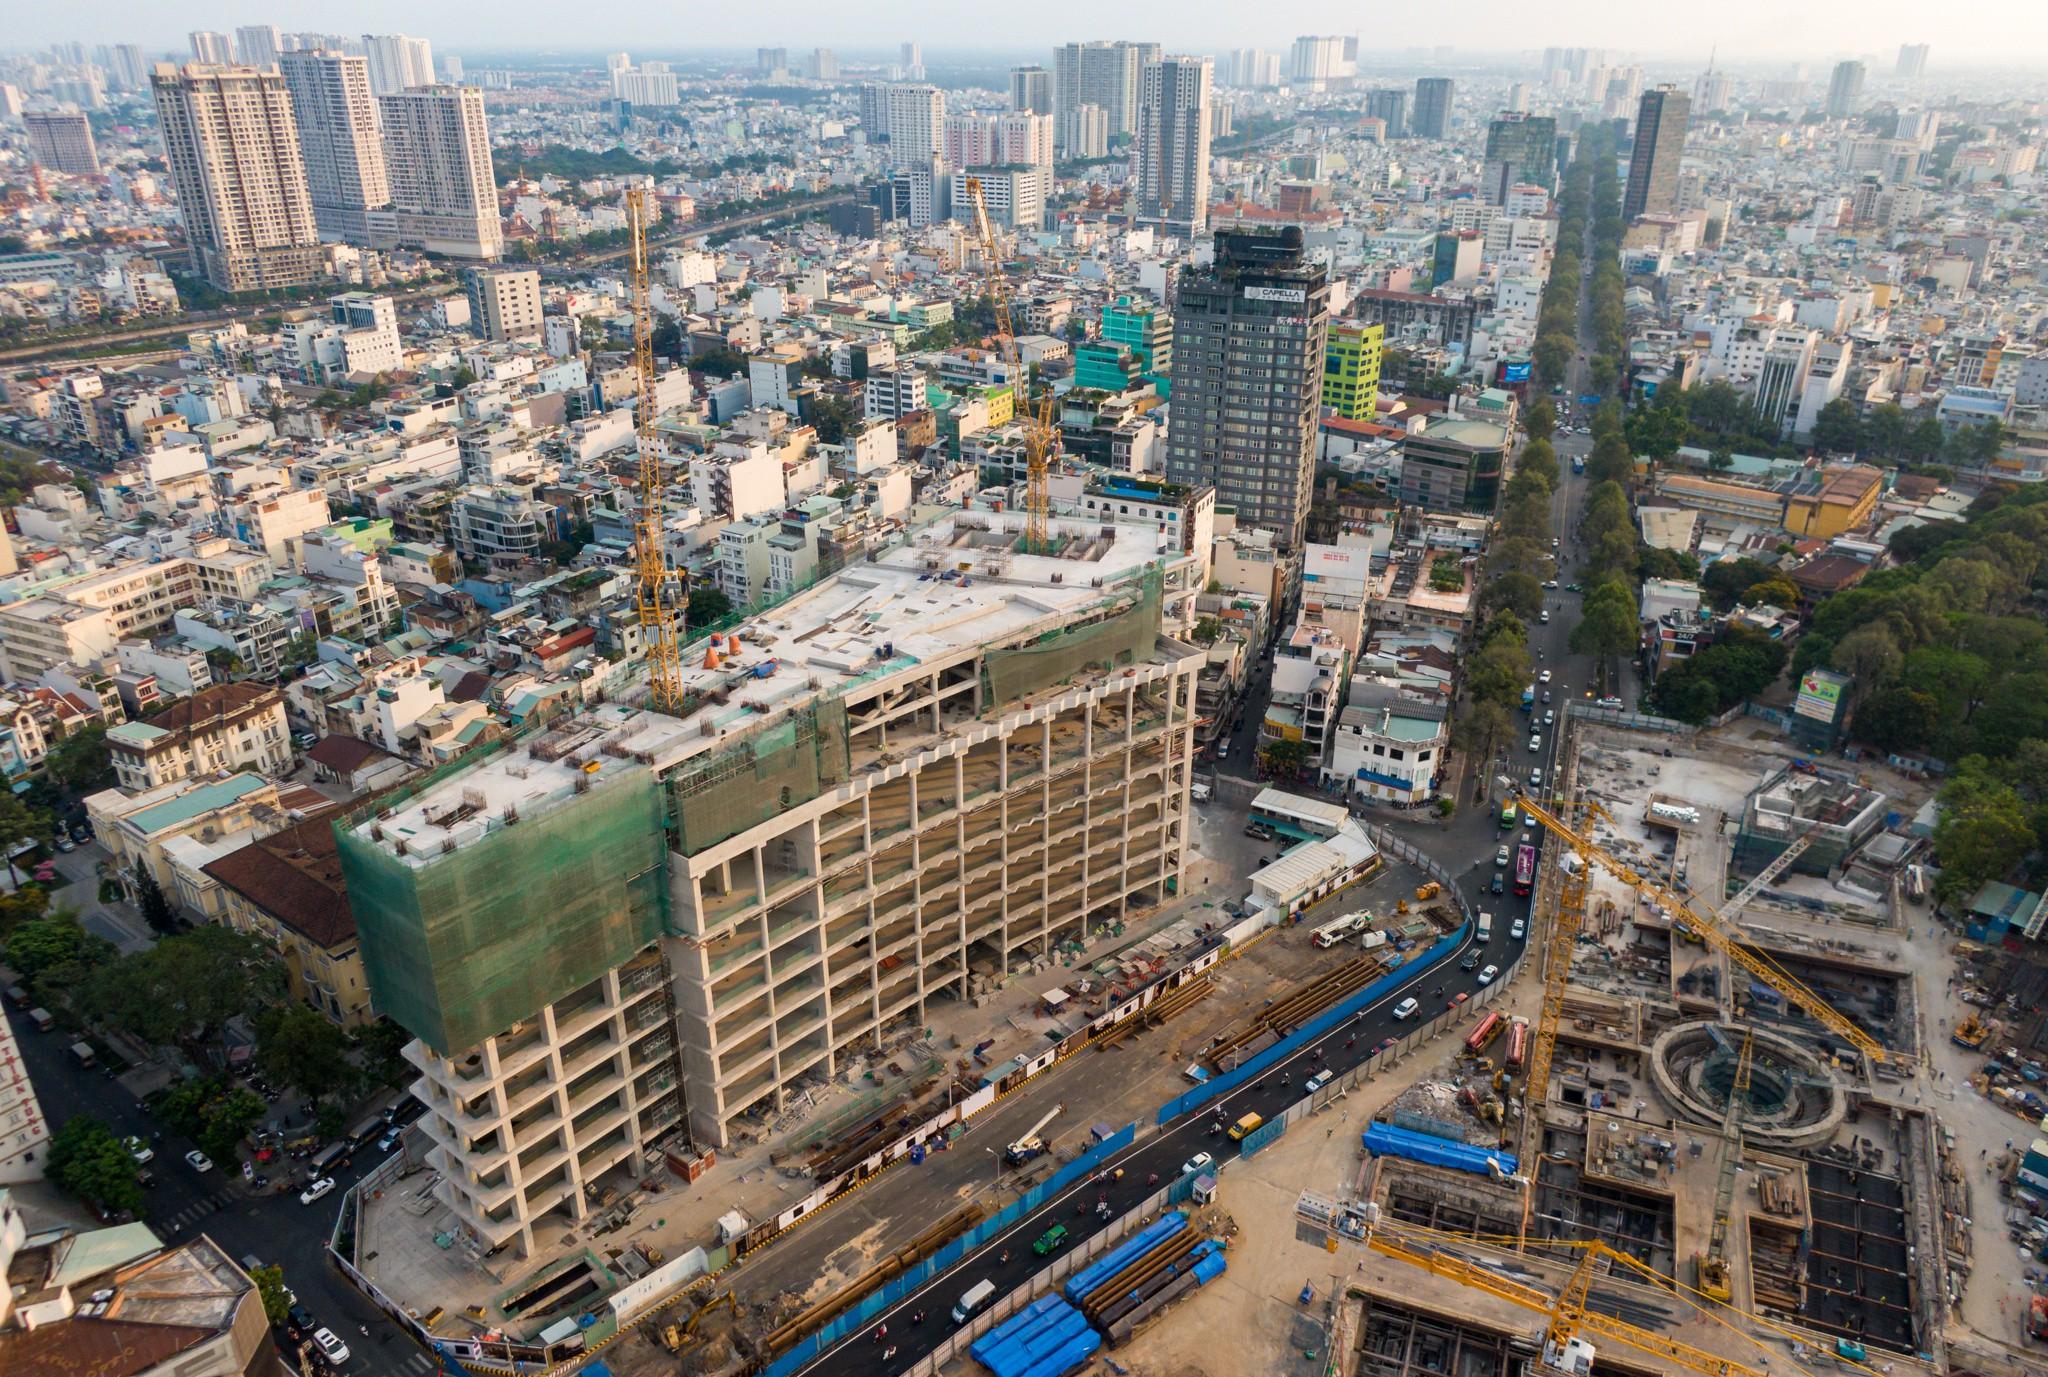 Sắp mở bán căn hộ giữa Sài Gòn giá từ 700 triệu đồng/m2 - mức giá cao nhất từ trước đến nay trên thị trường căn hộ ở Việt Nam - CỘNG